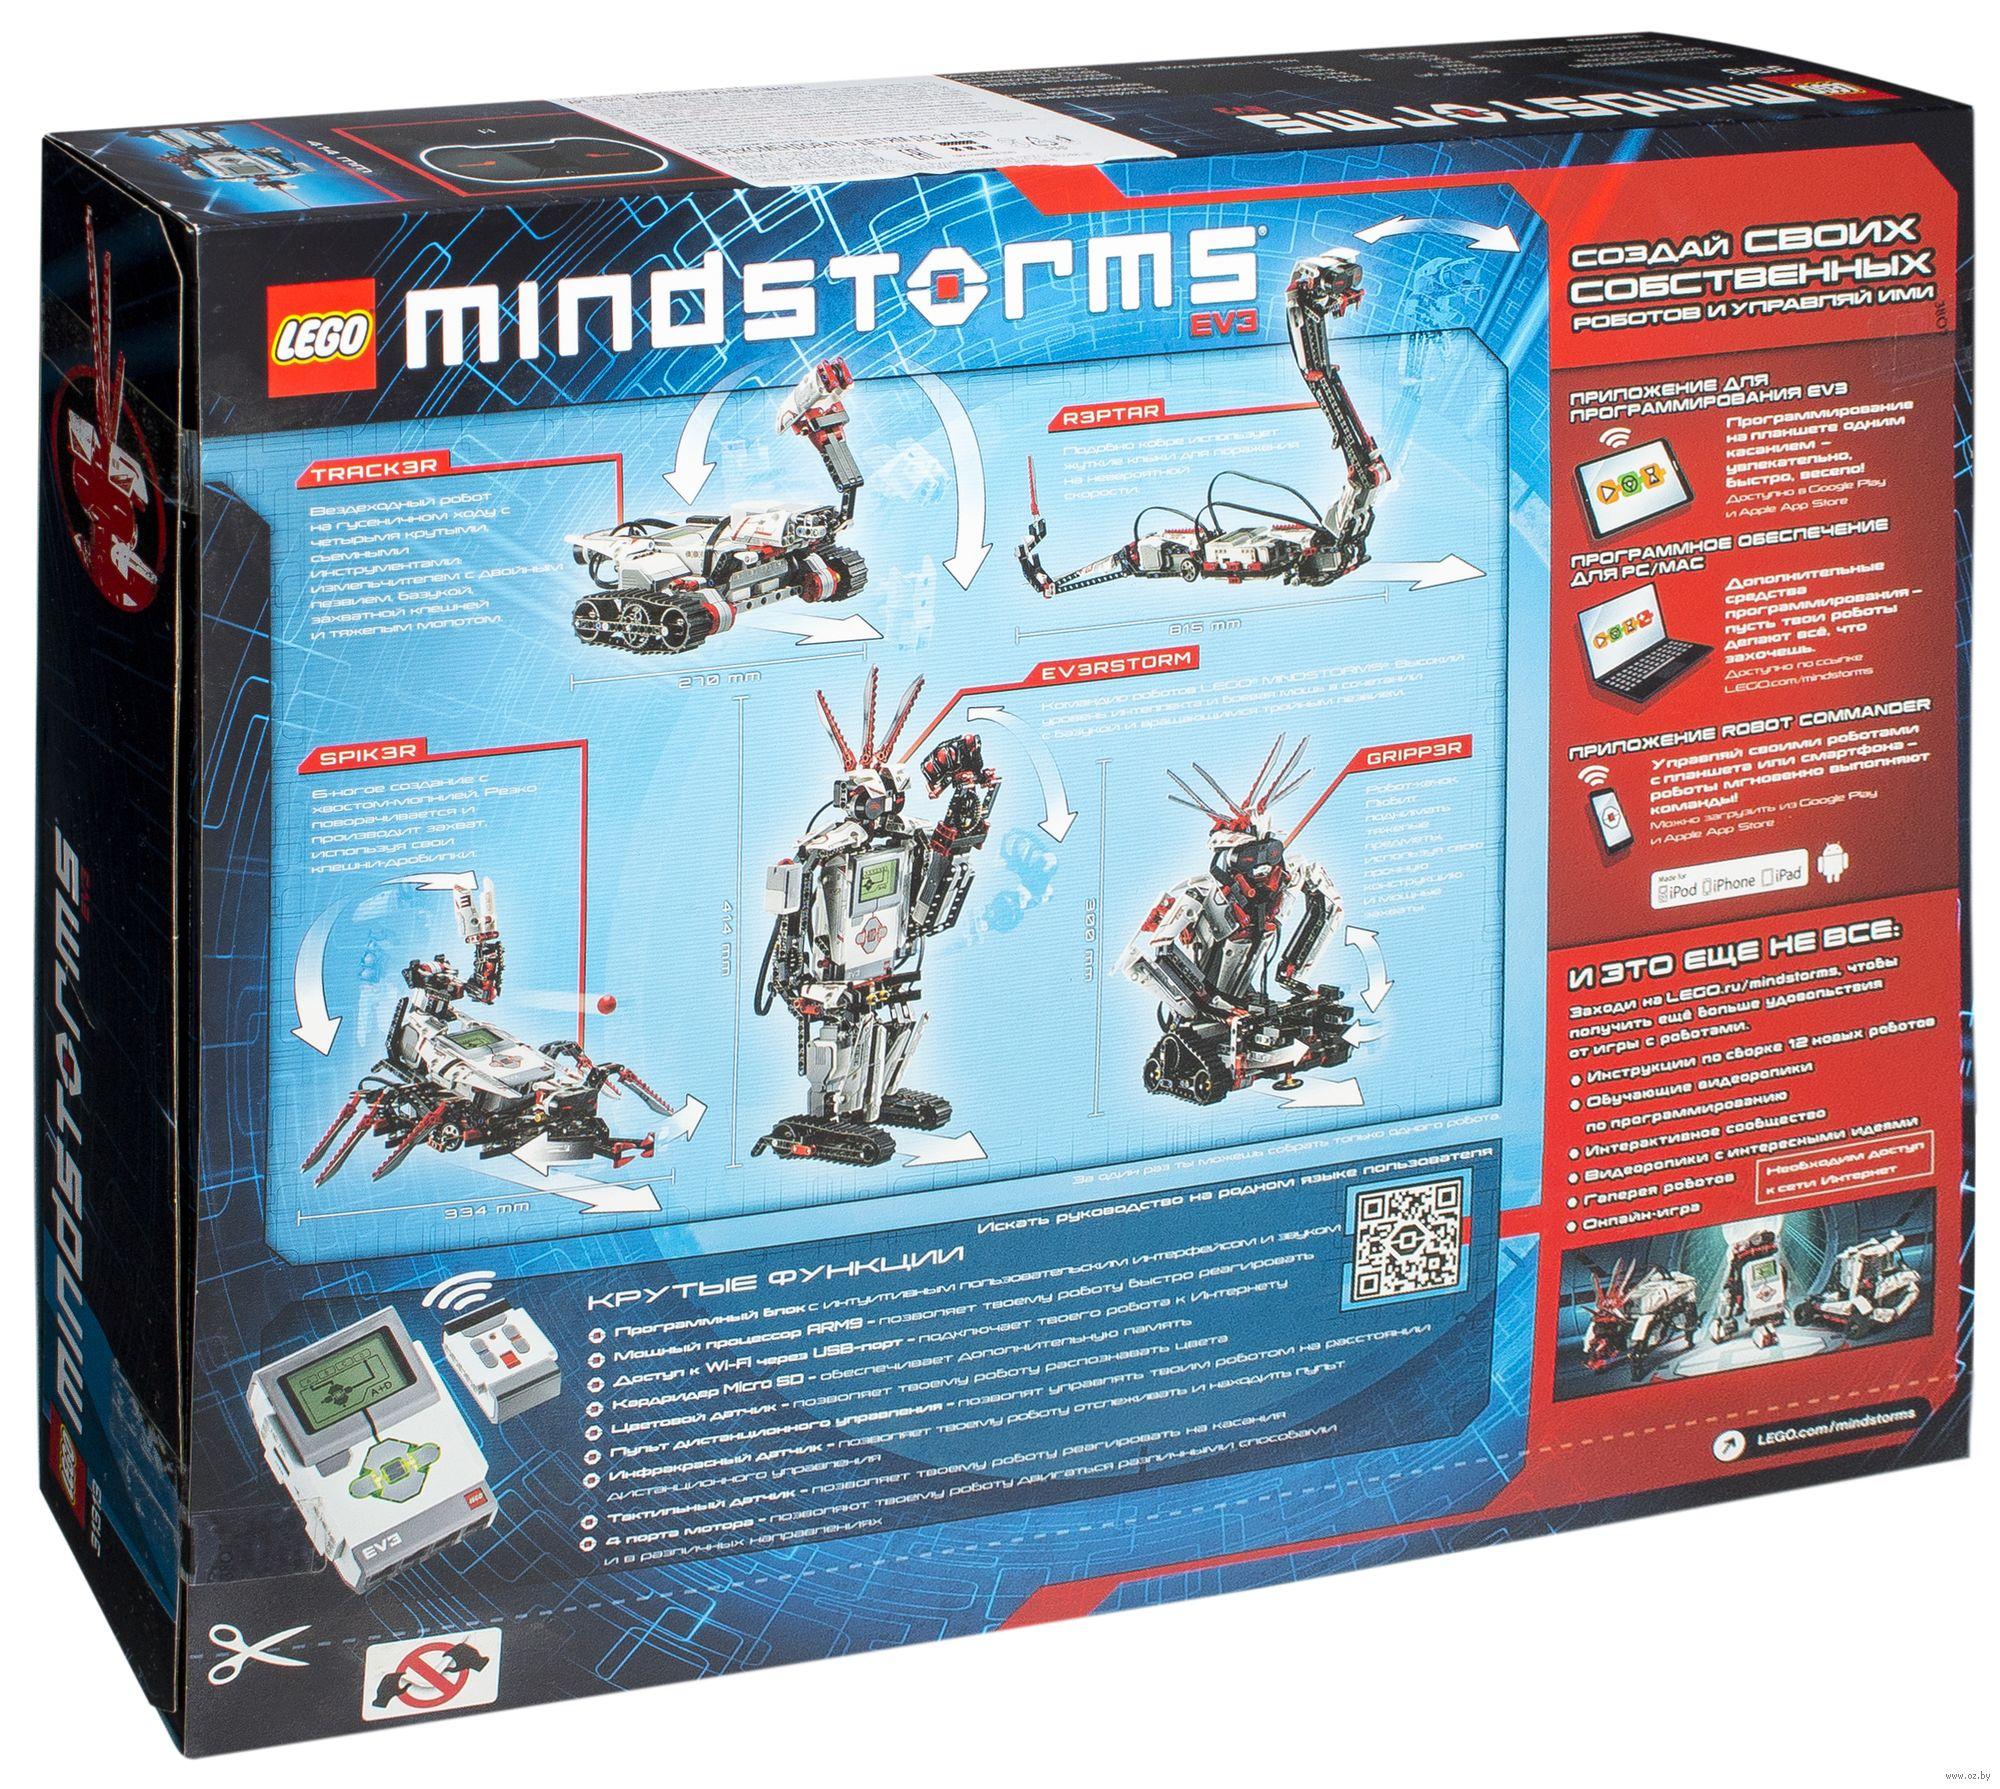 LEGO Mindstorms EV3 31313 купить в Минске — конструктор LEGO